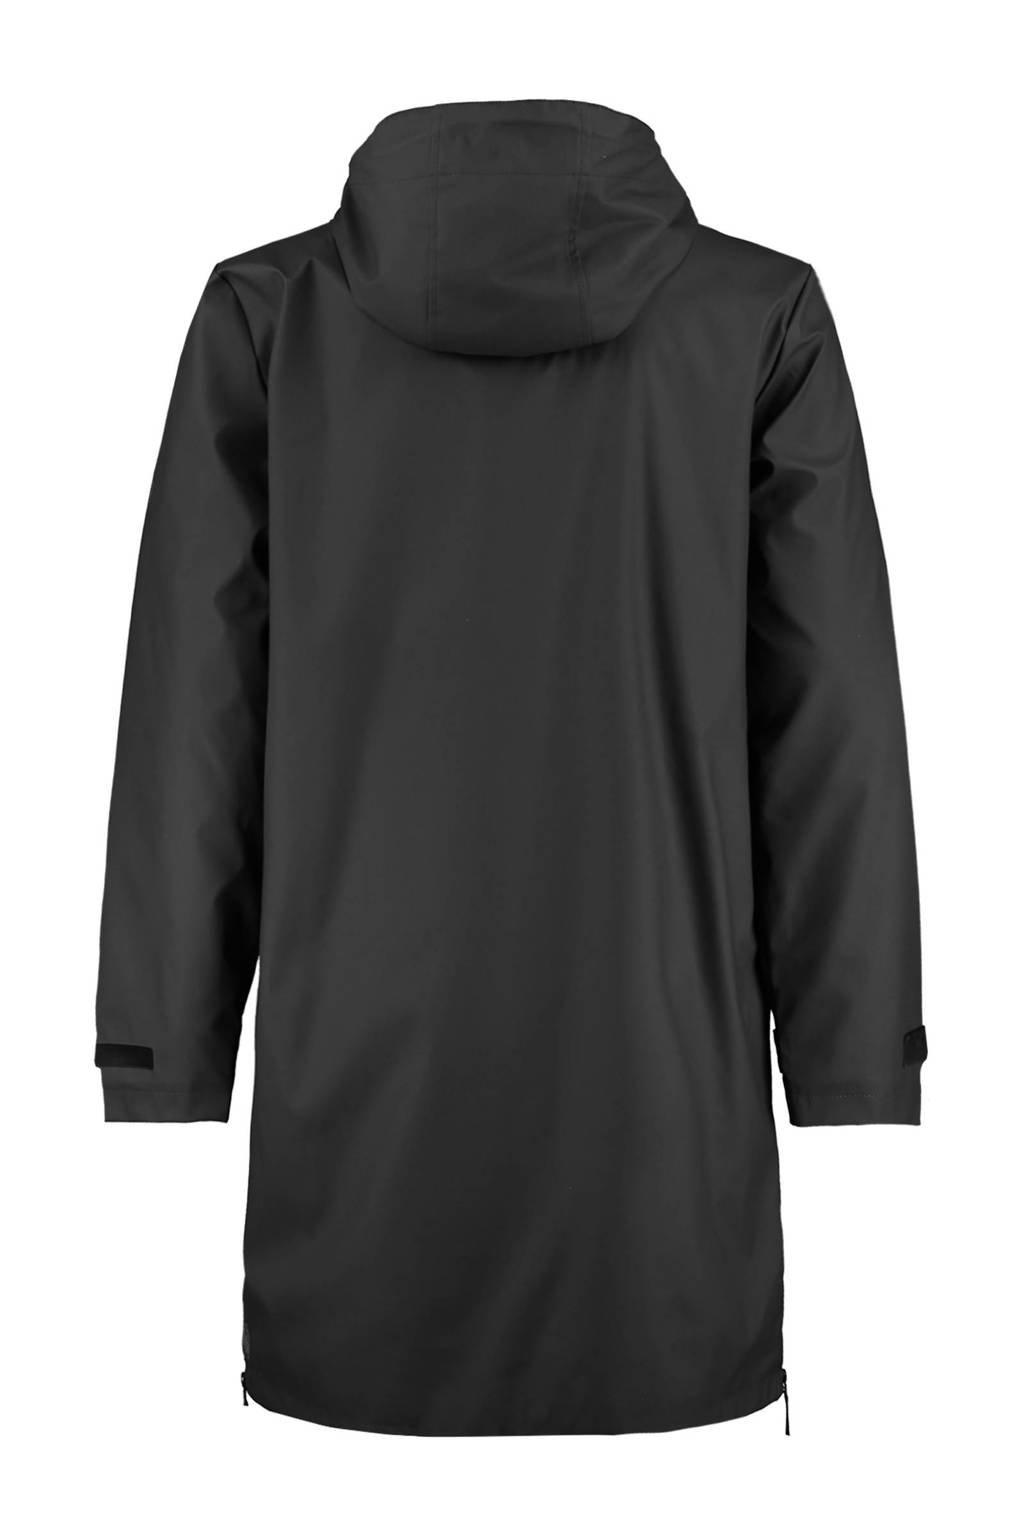 America Today unisex regenjas van gerecycled polyester zwart, Zwart